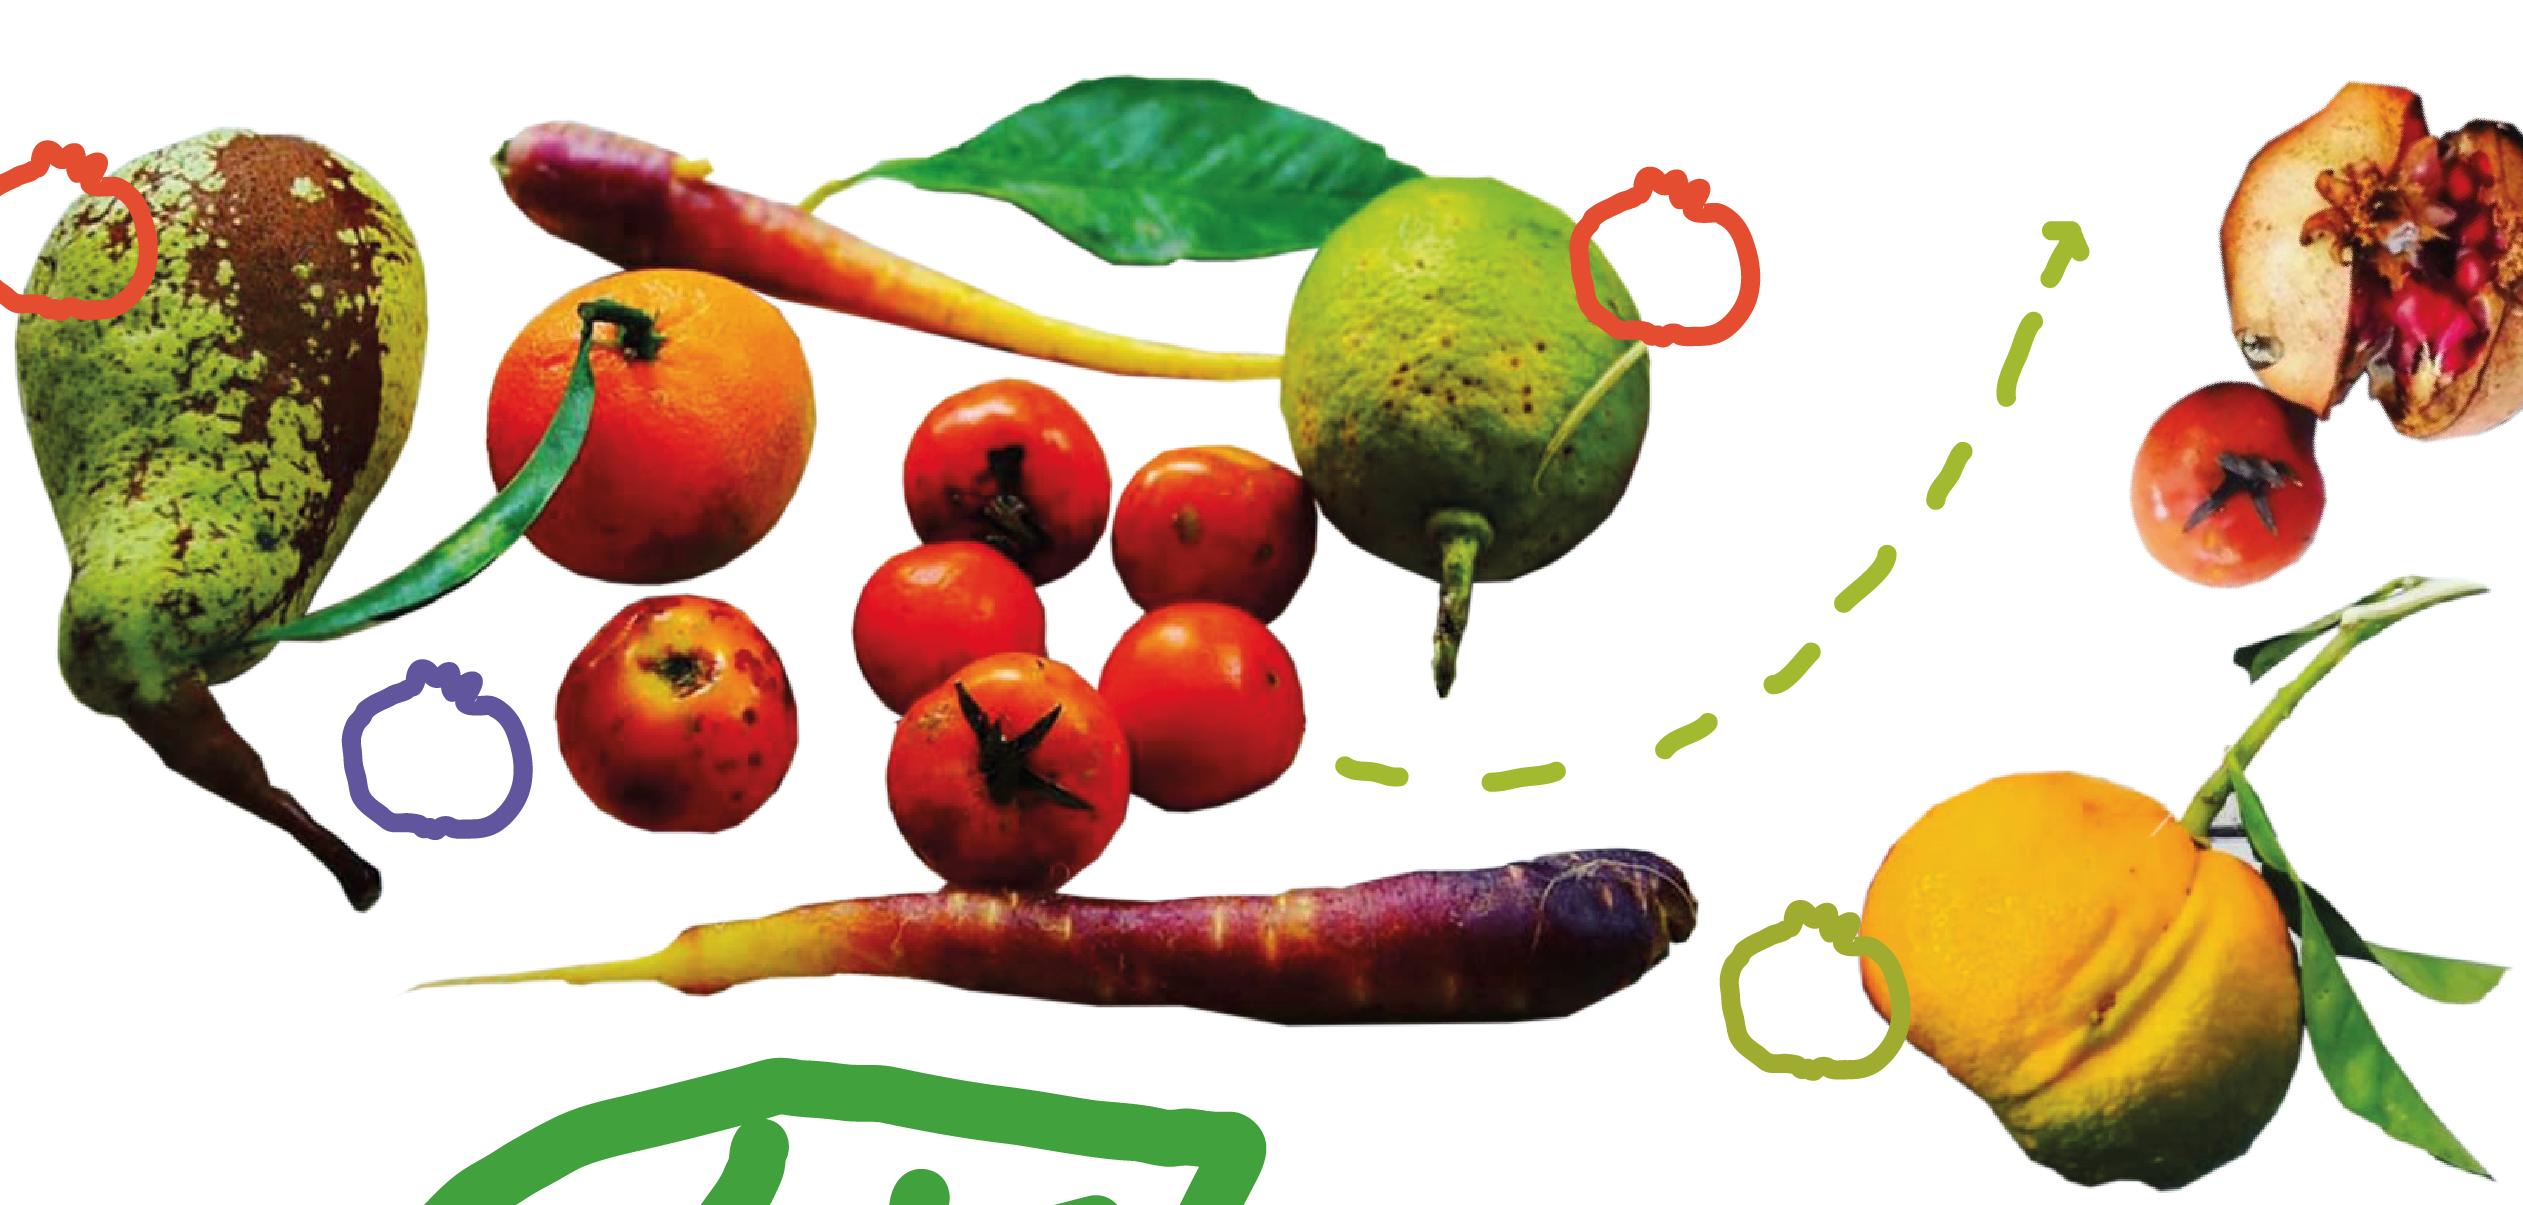 Se il pomodoro ha un difetto estetico, perché non è OK?